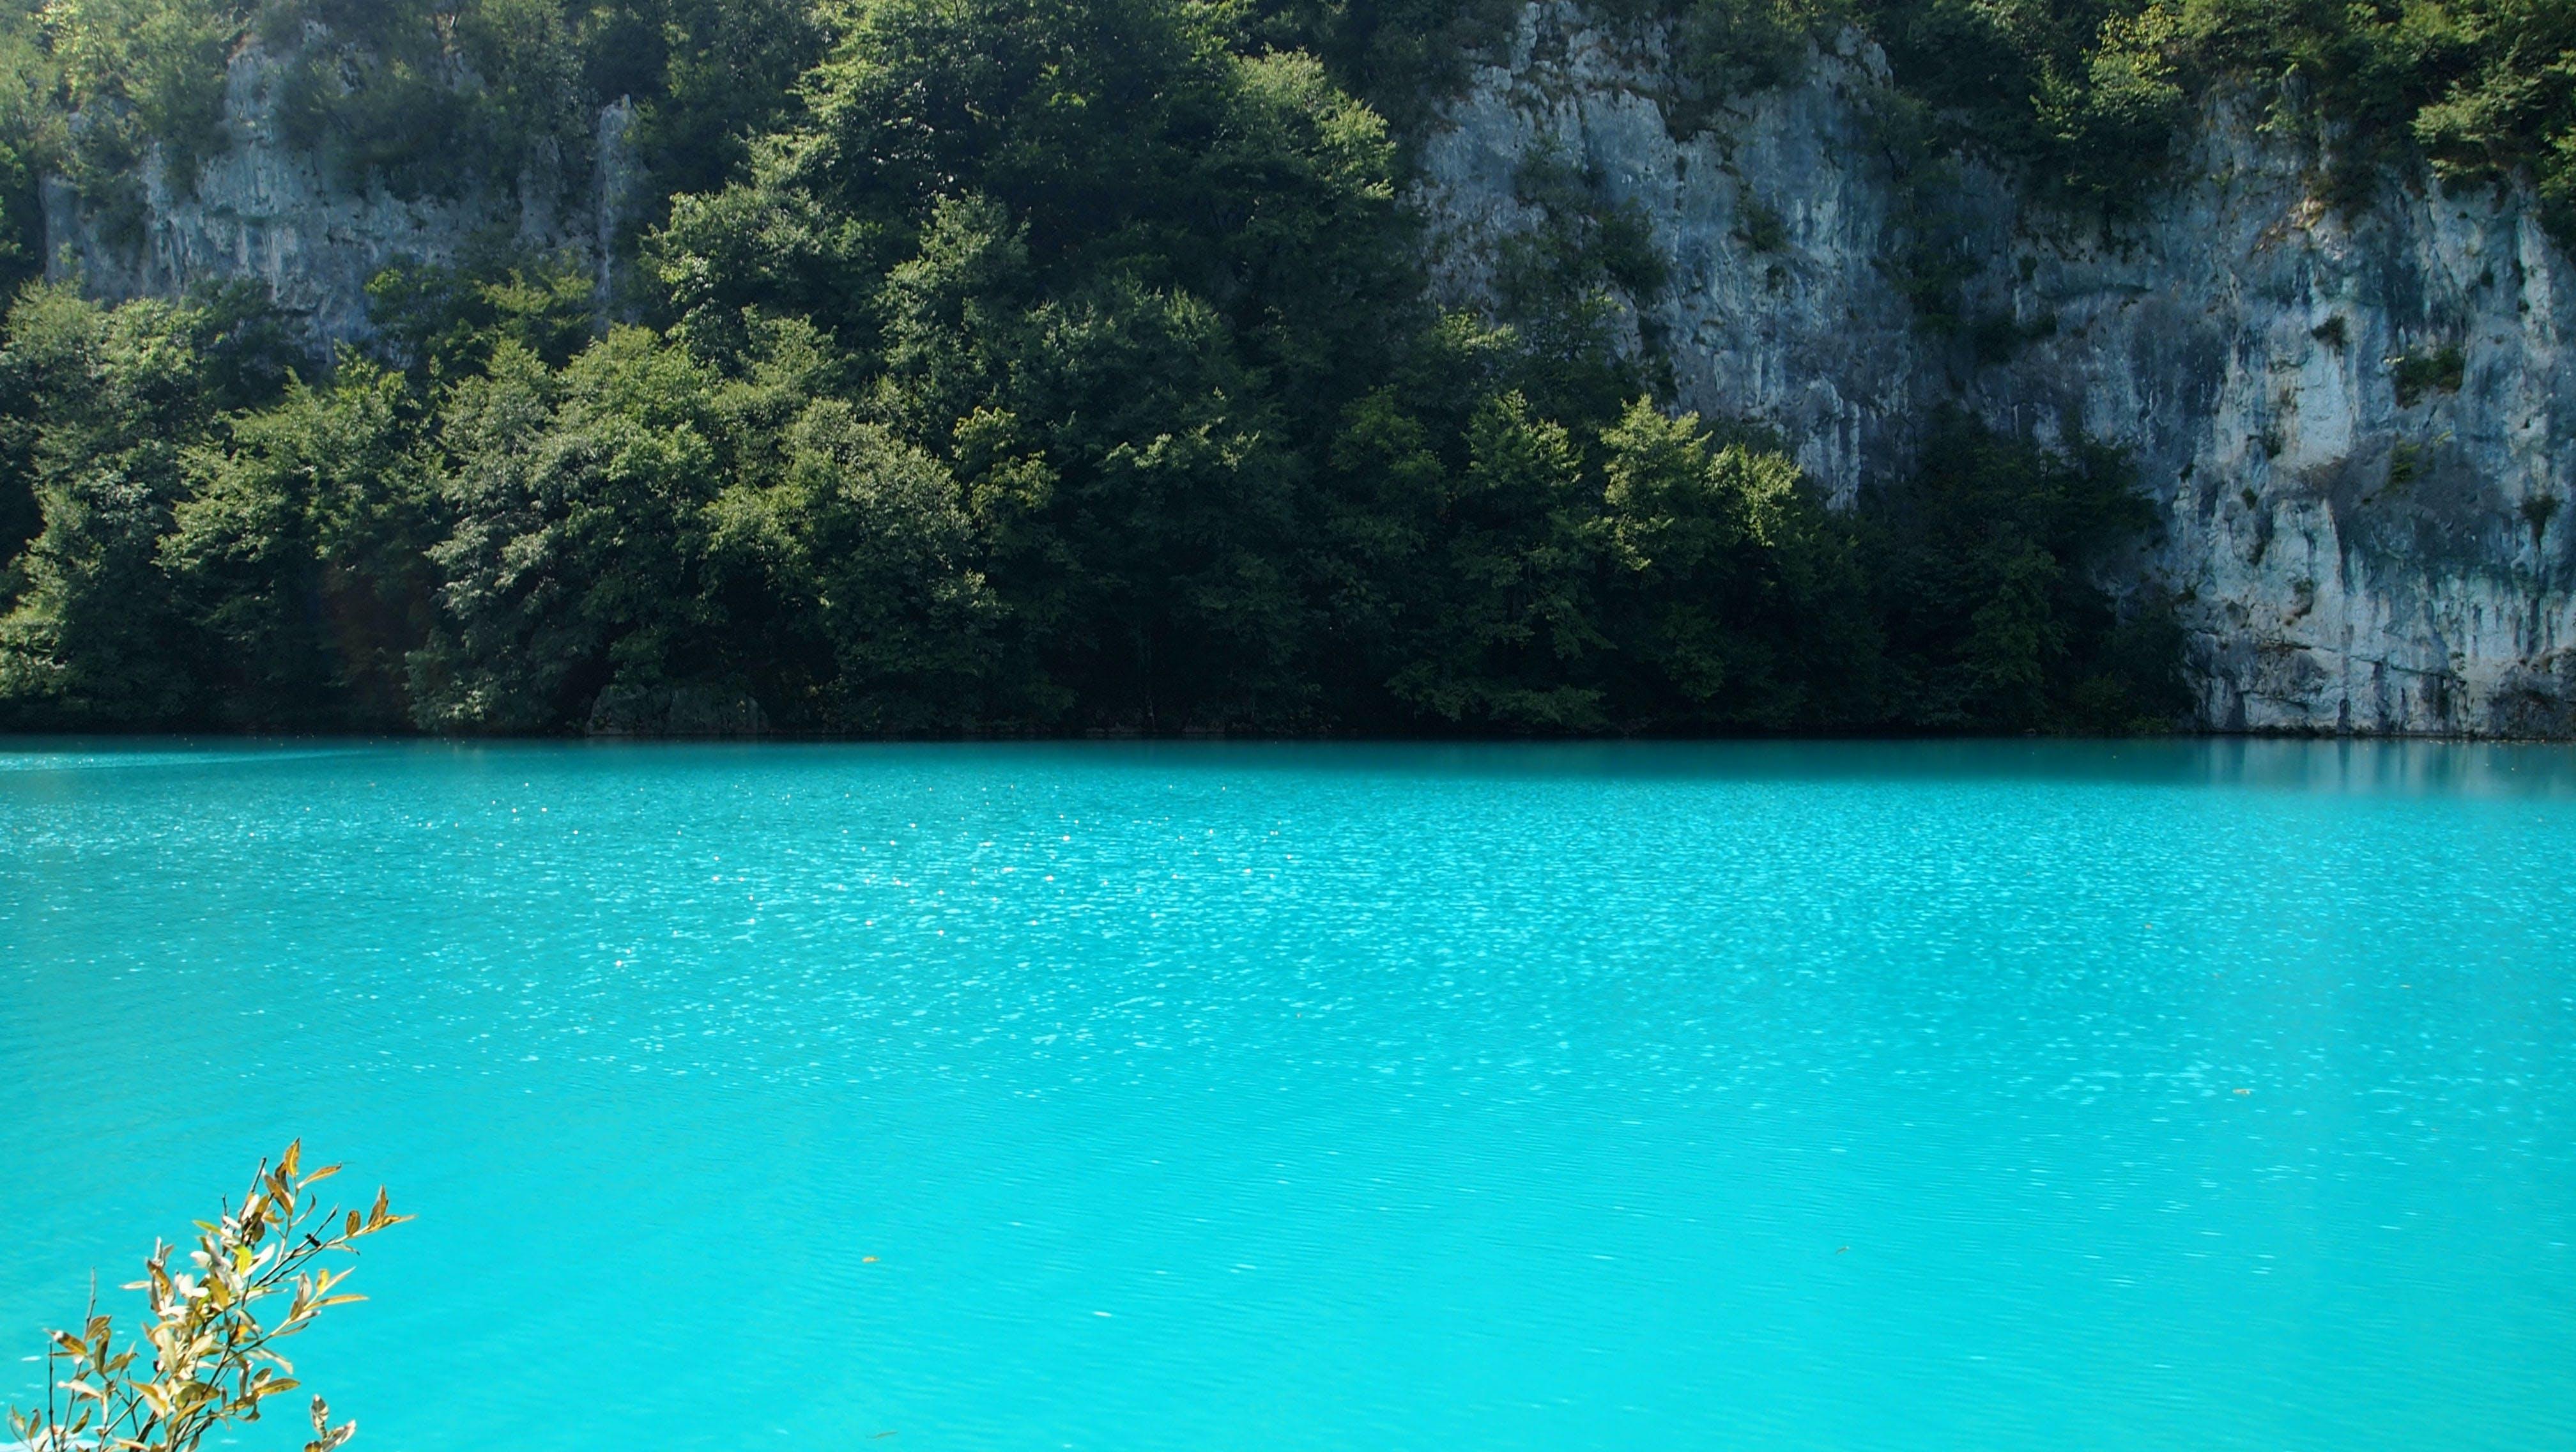 คลังภาพถ่ายฟรี ของ plitviä ka jezera, สีน้ำเงิน, หิน